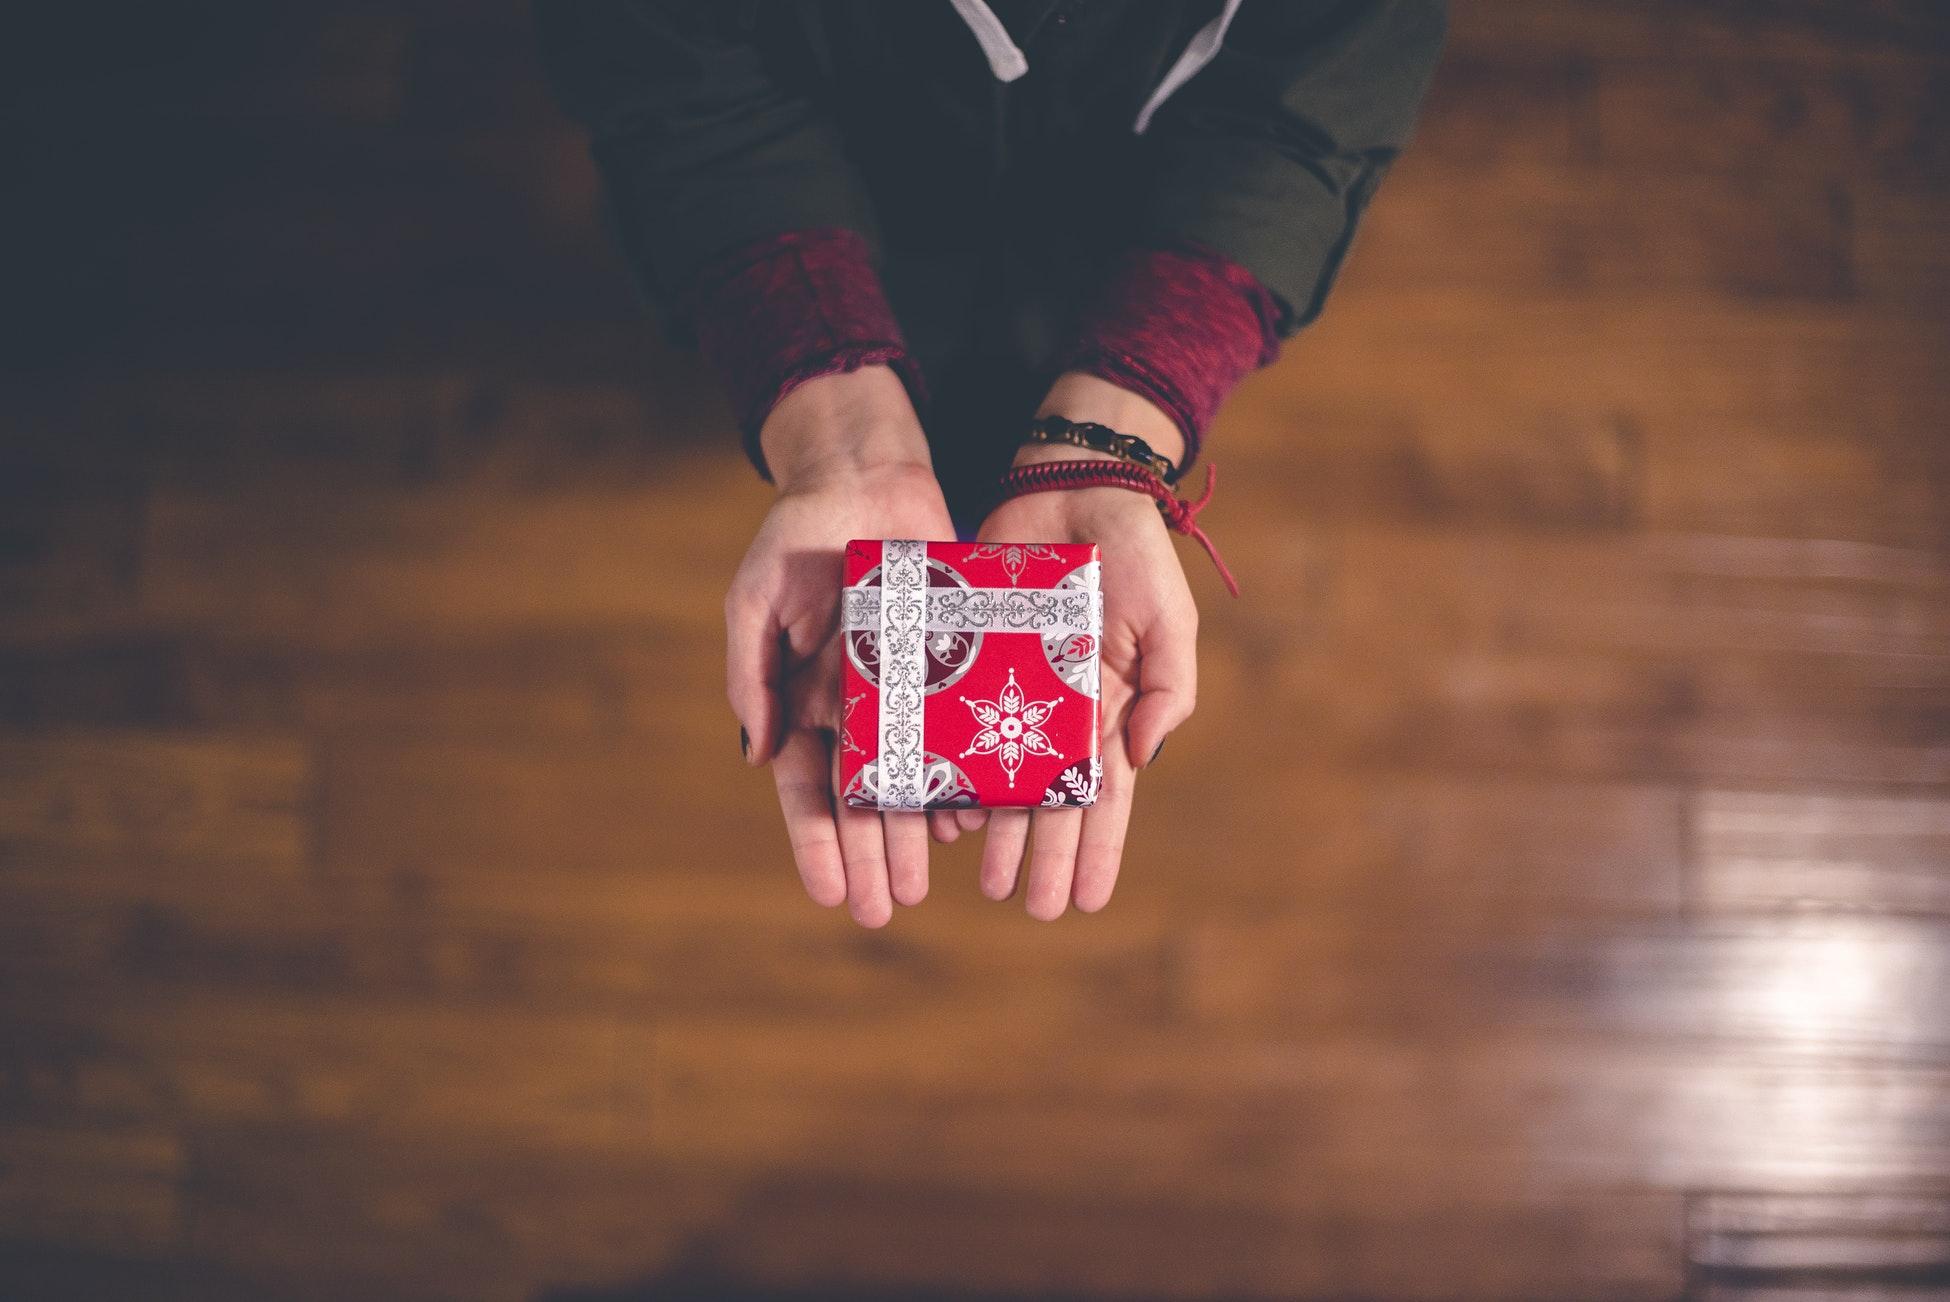 tradycja dawania prezentów